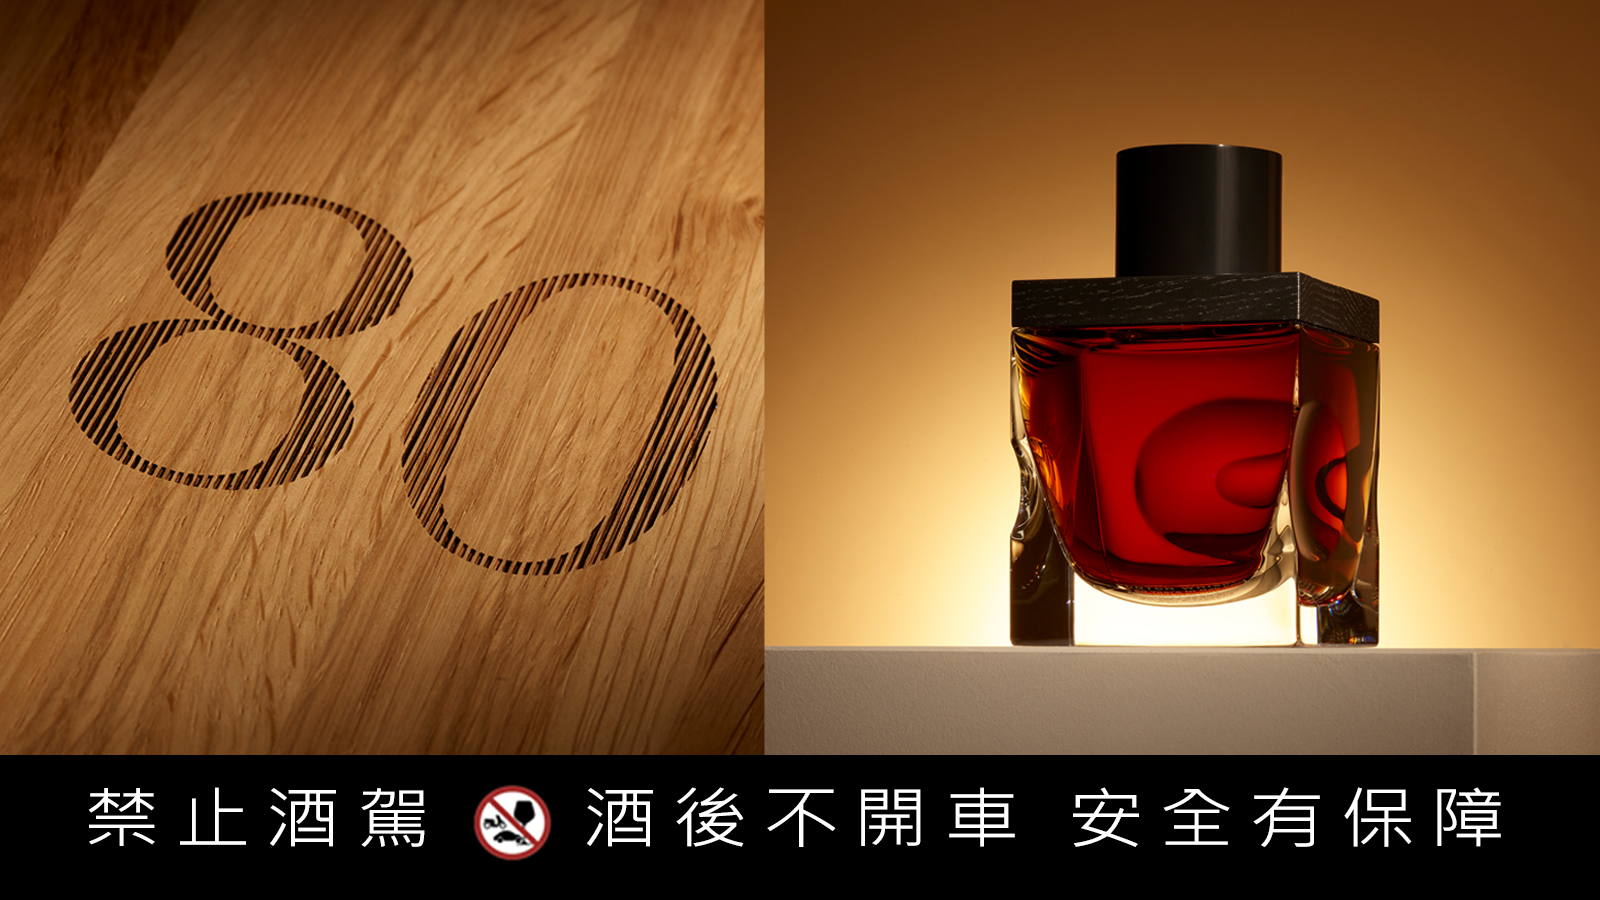 珍稀80年極品威士忌即日限售 編號No.1酒款於10月高價拍賣